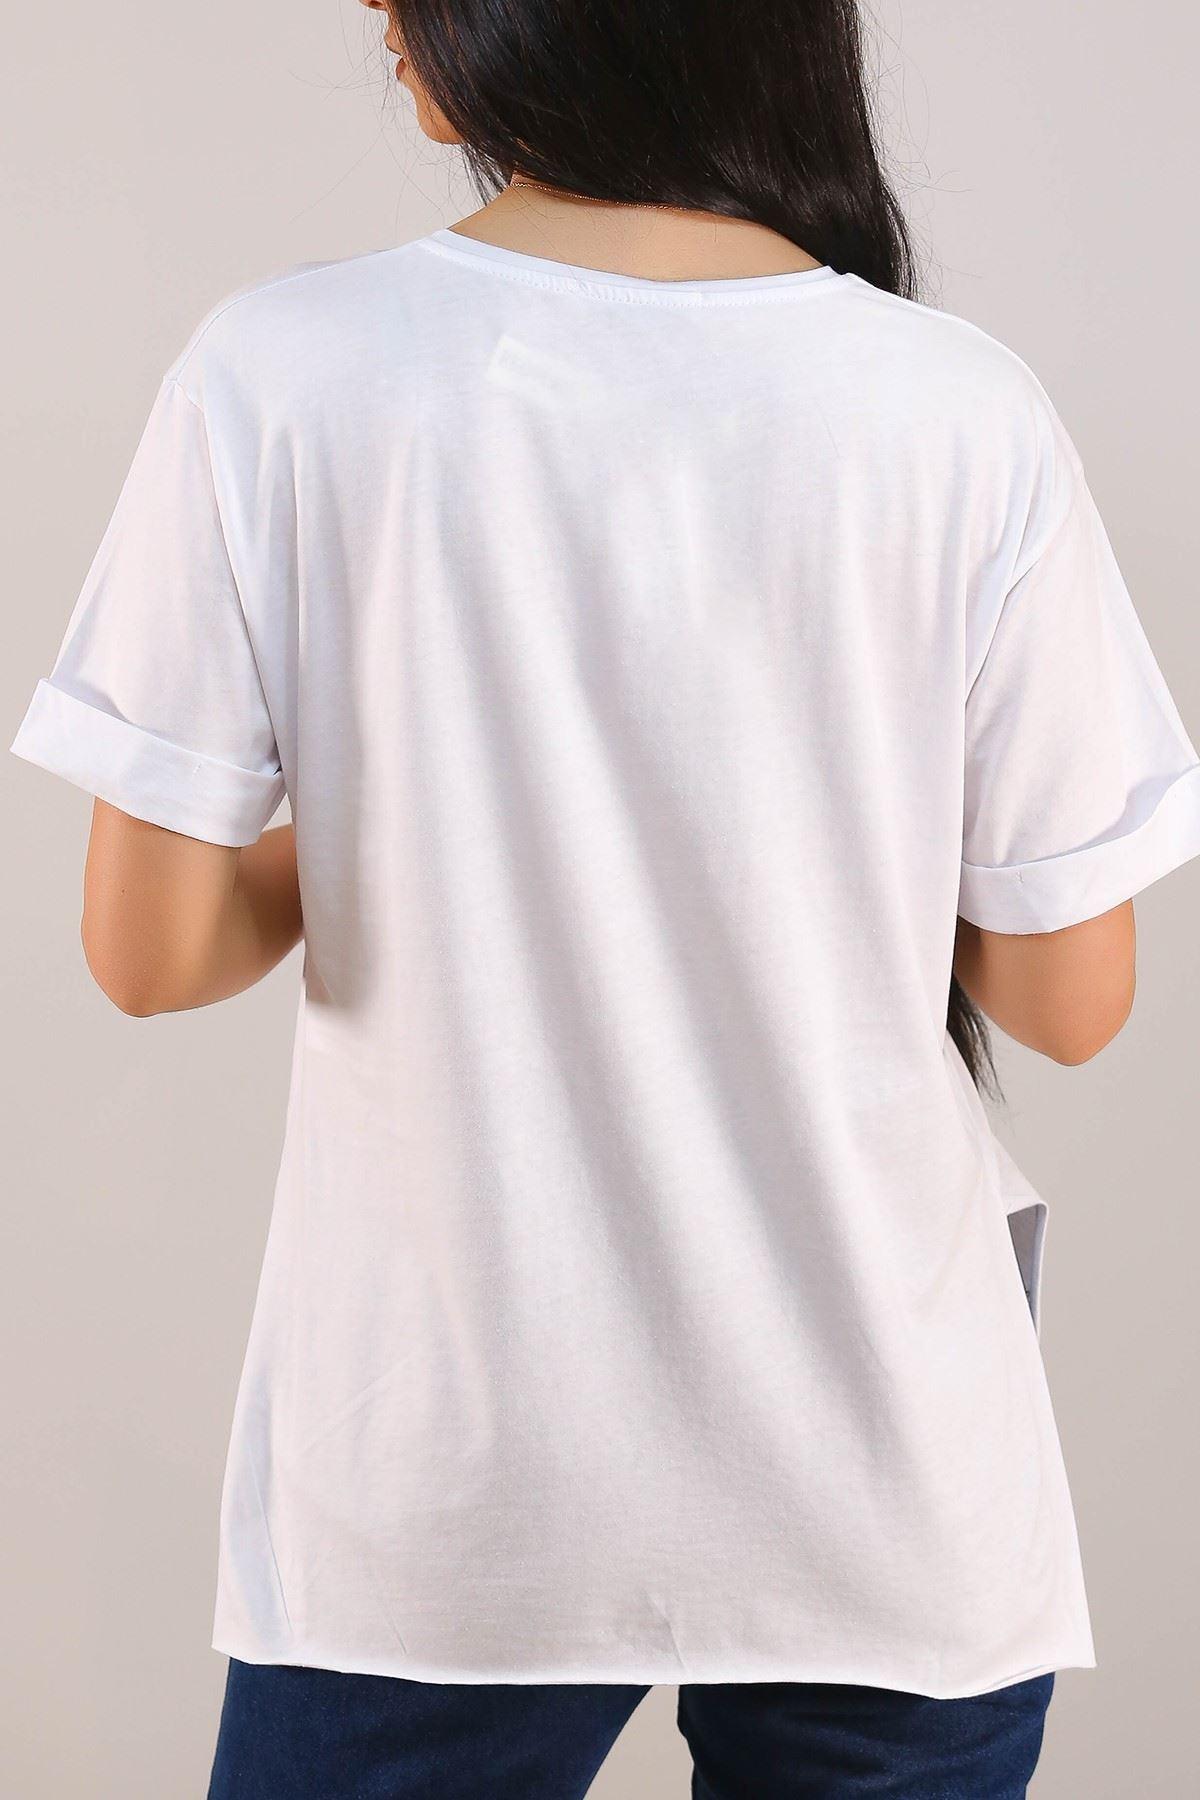 Baskılı Tişört Beyaz - 5084.275.